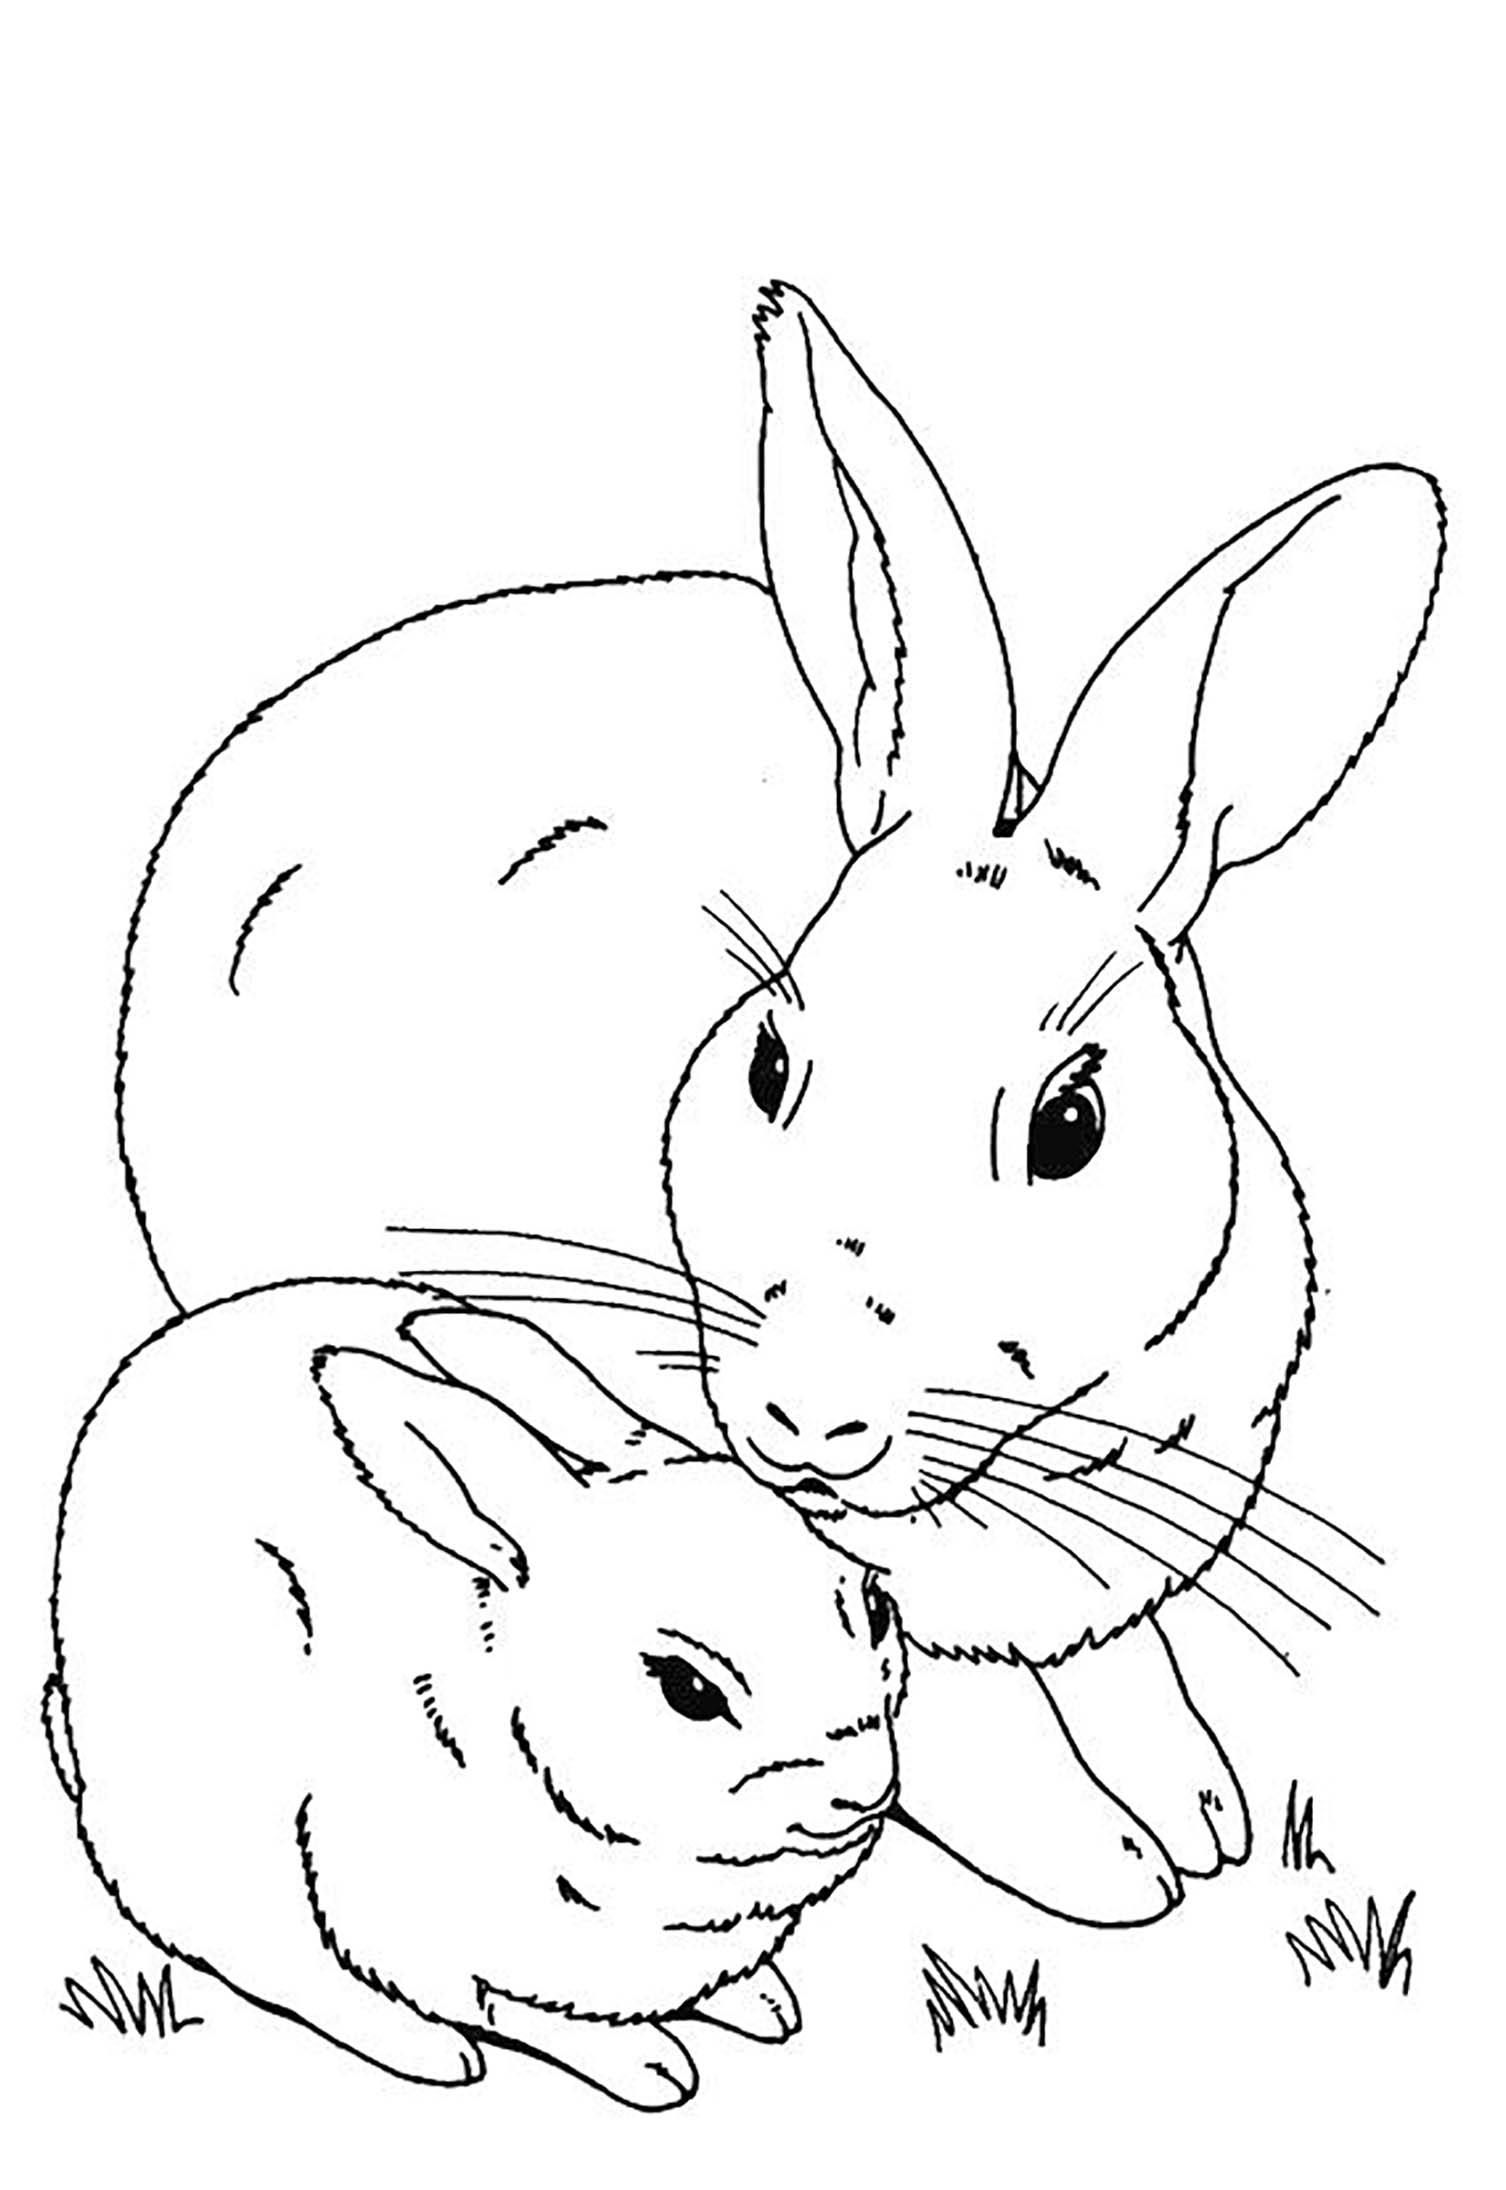 Lapin 13 - Coloriage de lapins - Coloriages pour enfants